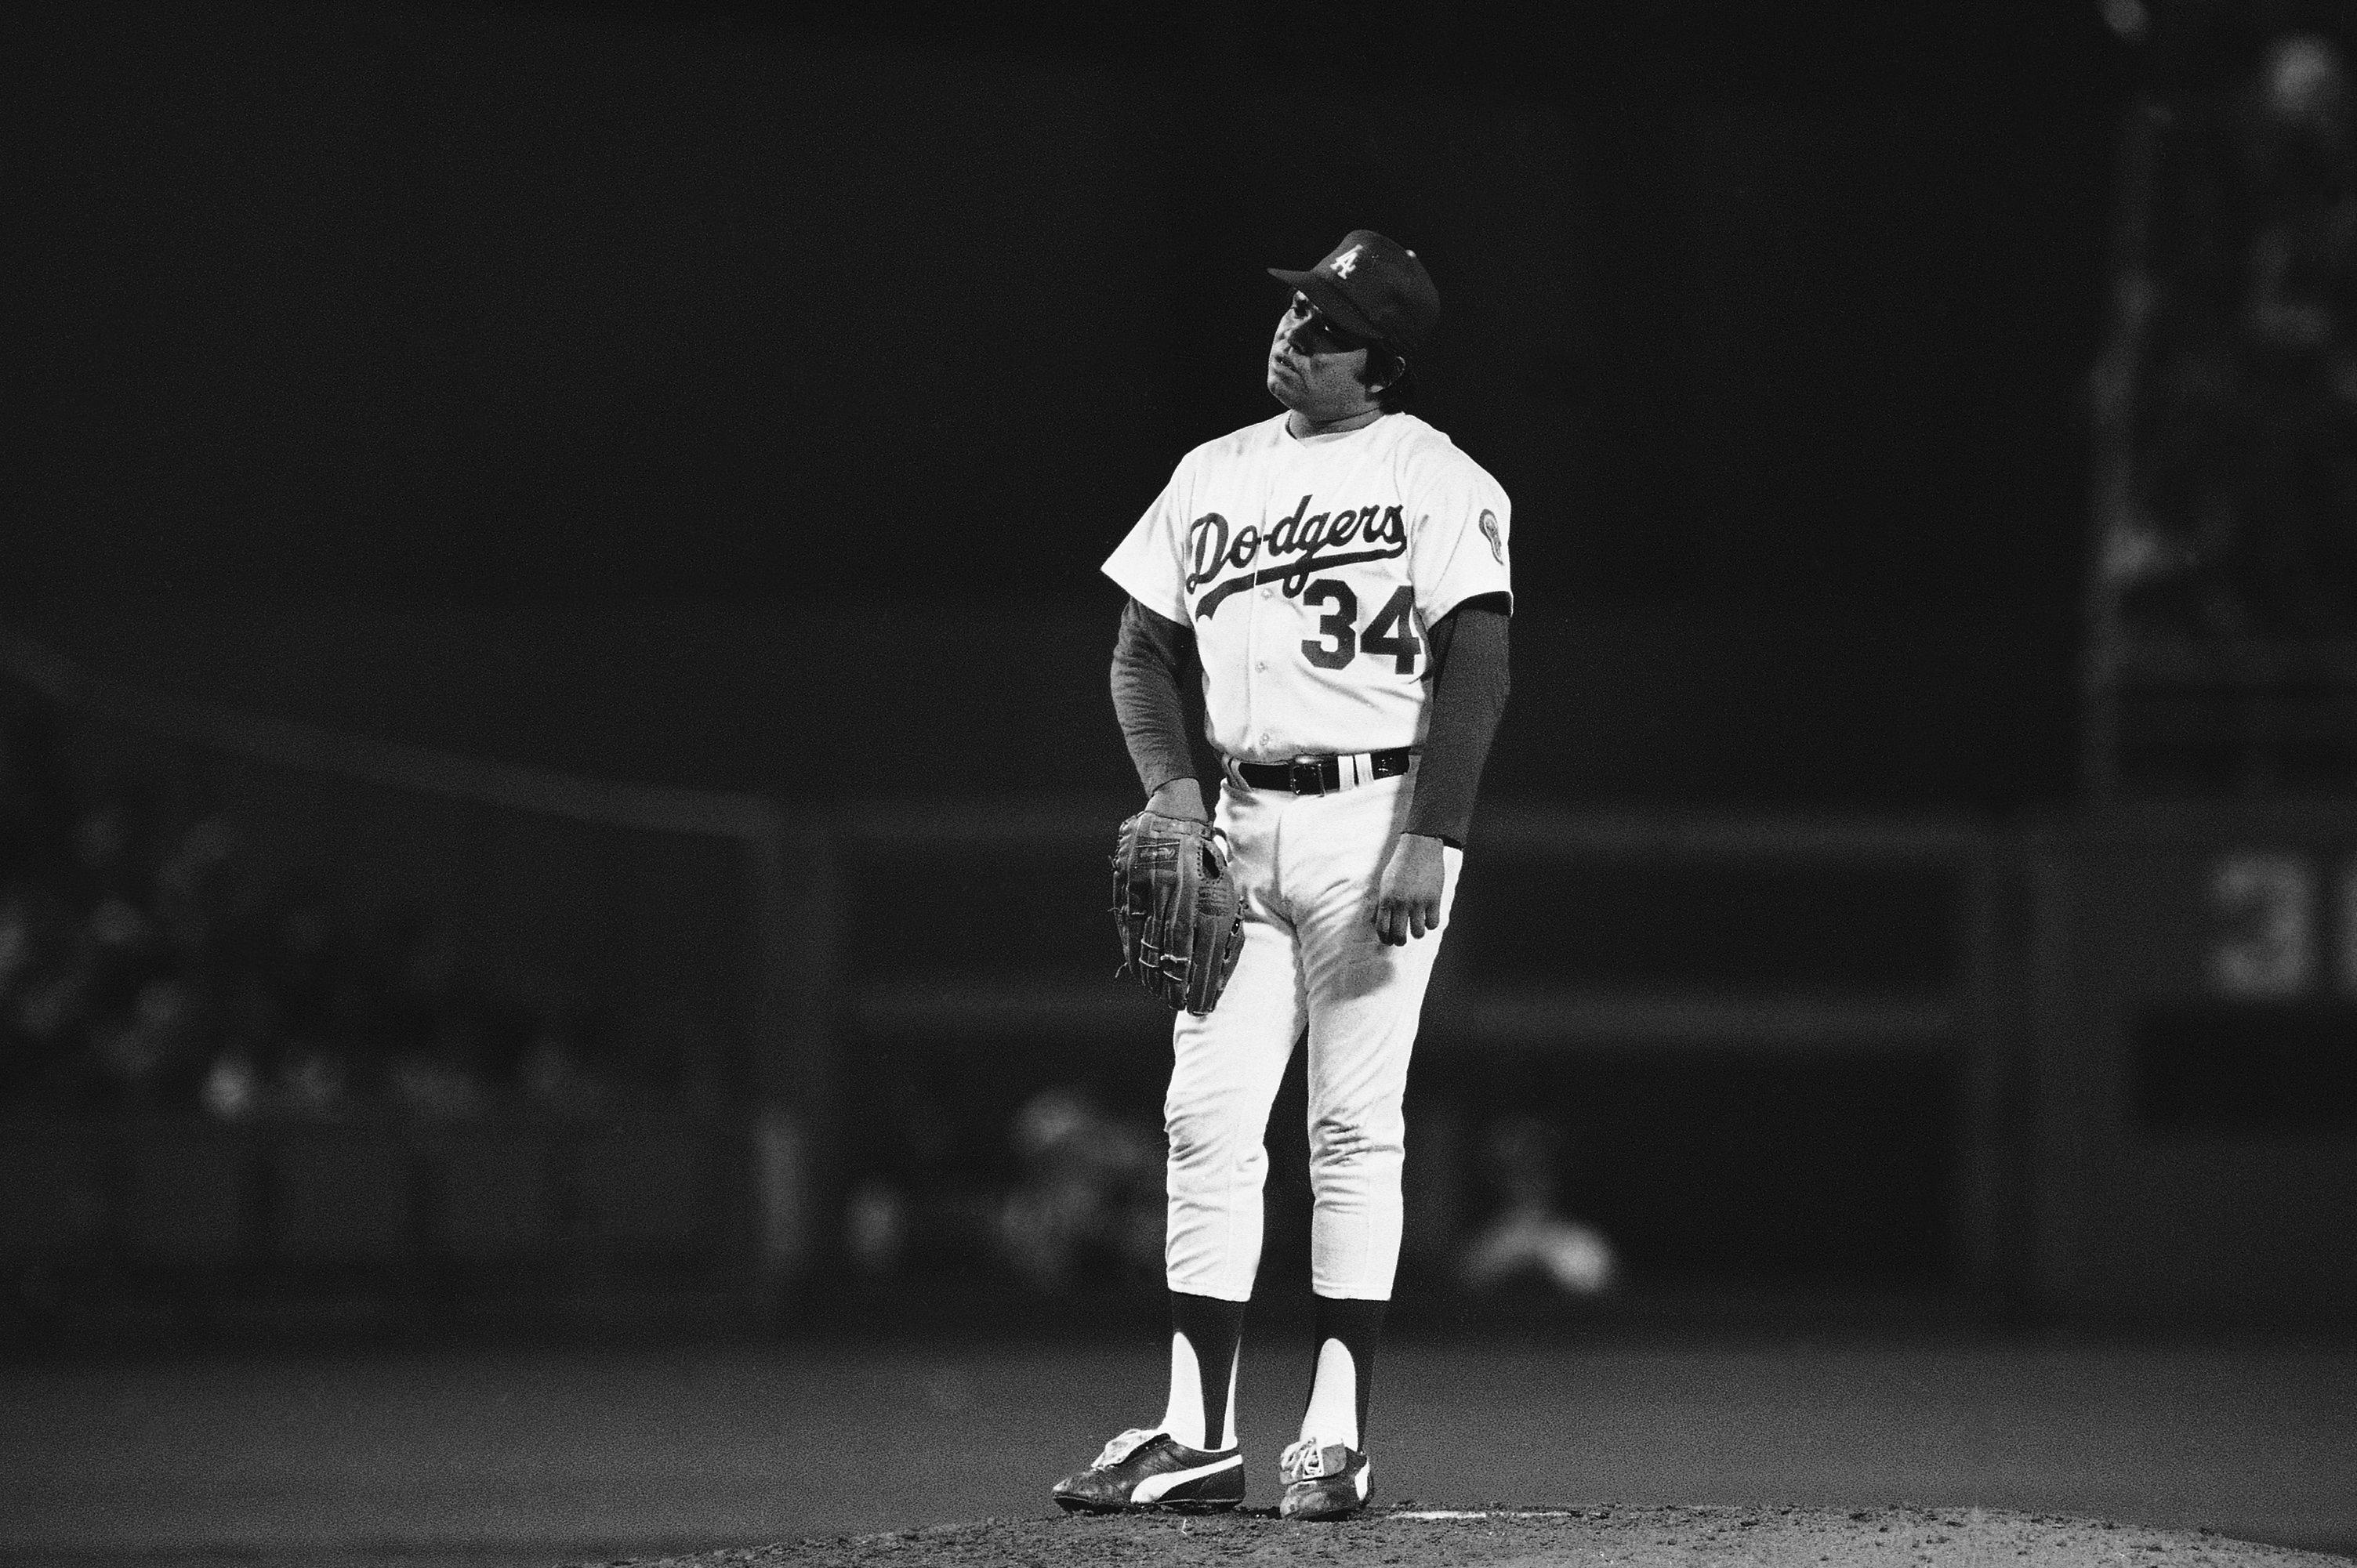 Fernando Valenzuela, de los Dodgers de Los Ángeles, durante un juego de la MLB